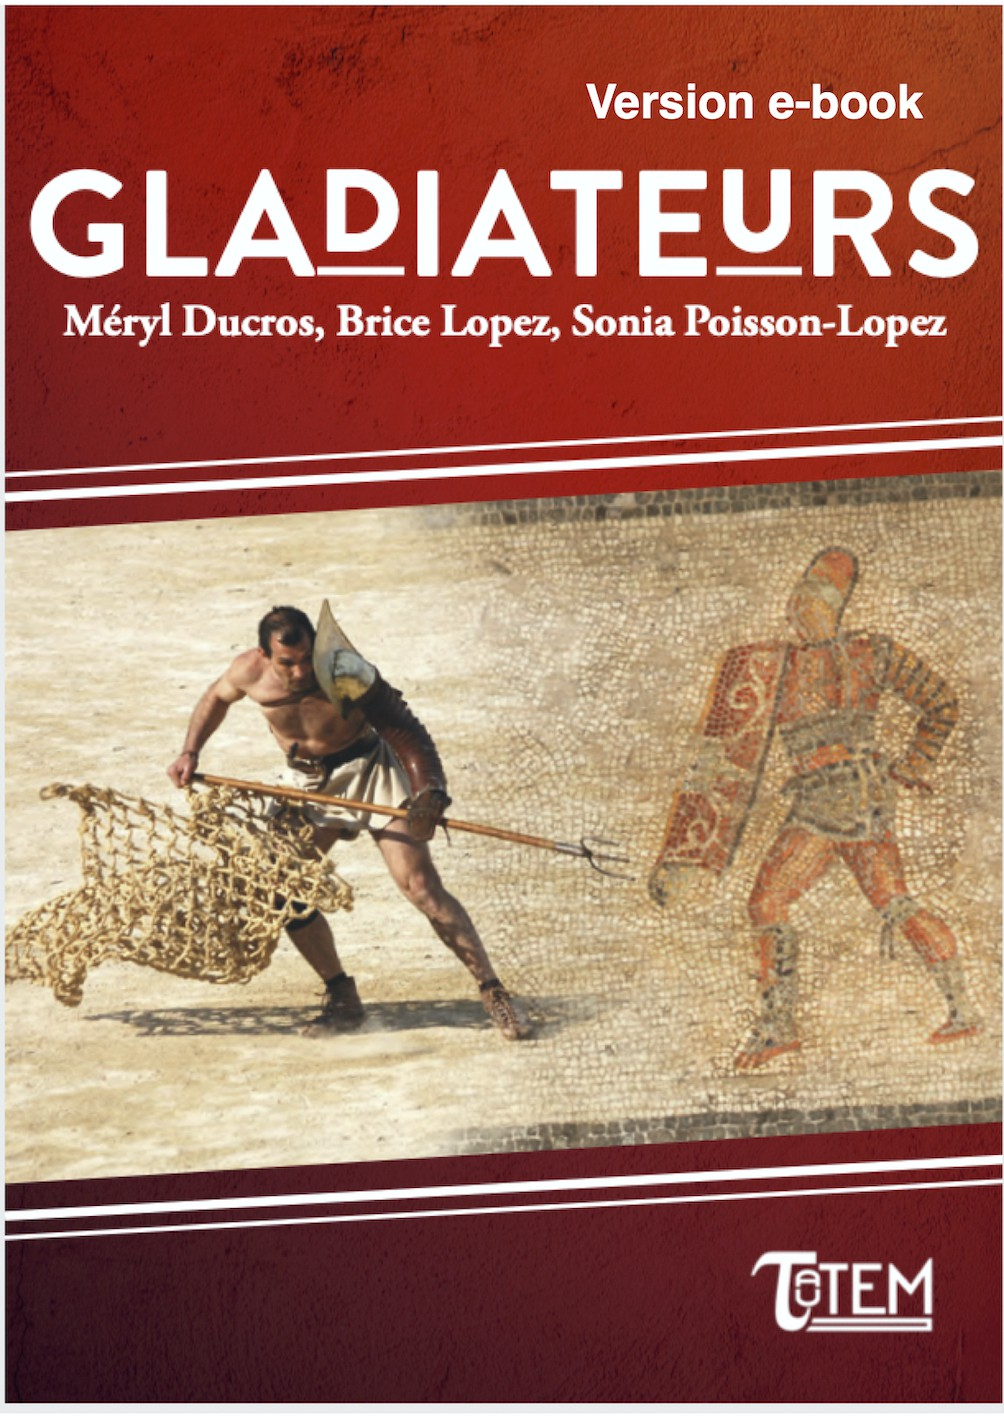 Gladiateurs version e-book